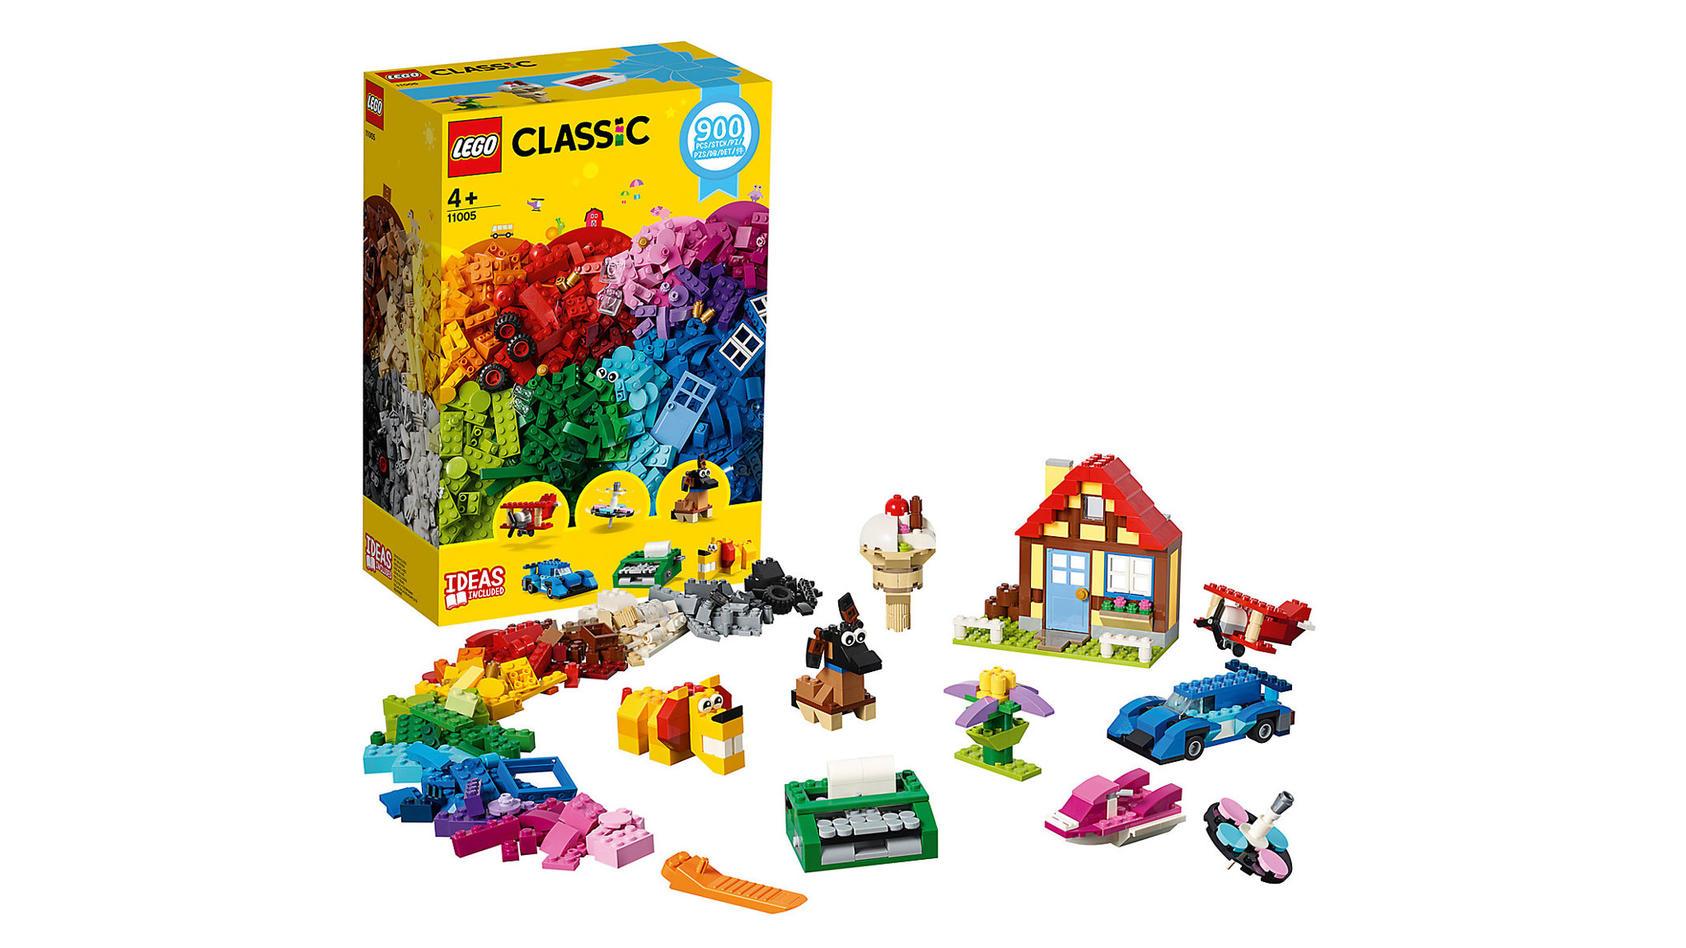 Das 900-teilige Lego-Classic-Set 11005 gibt es bei myToys.de jetzt im Angebot.